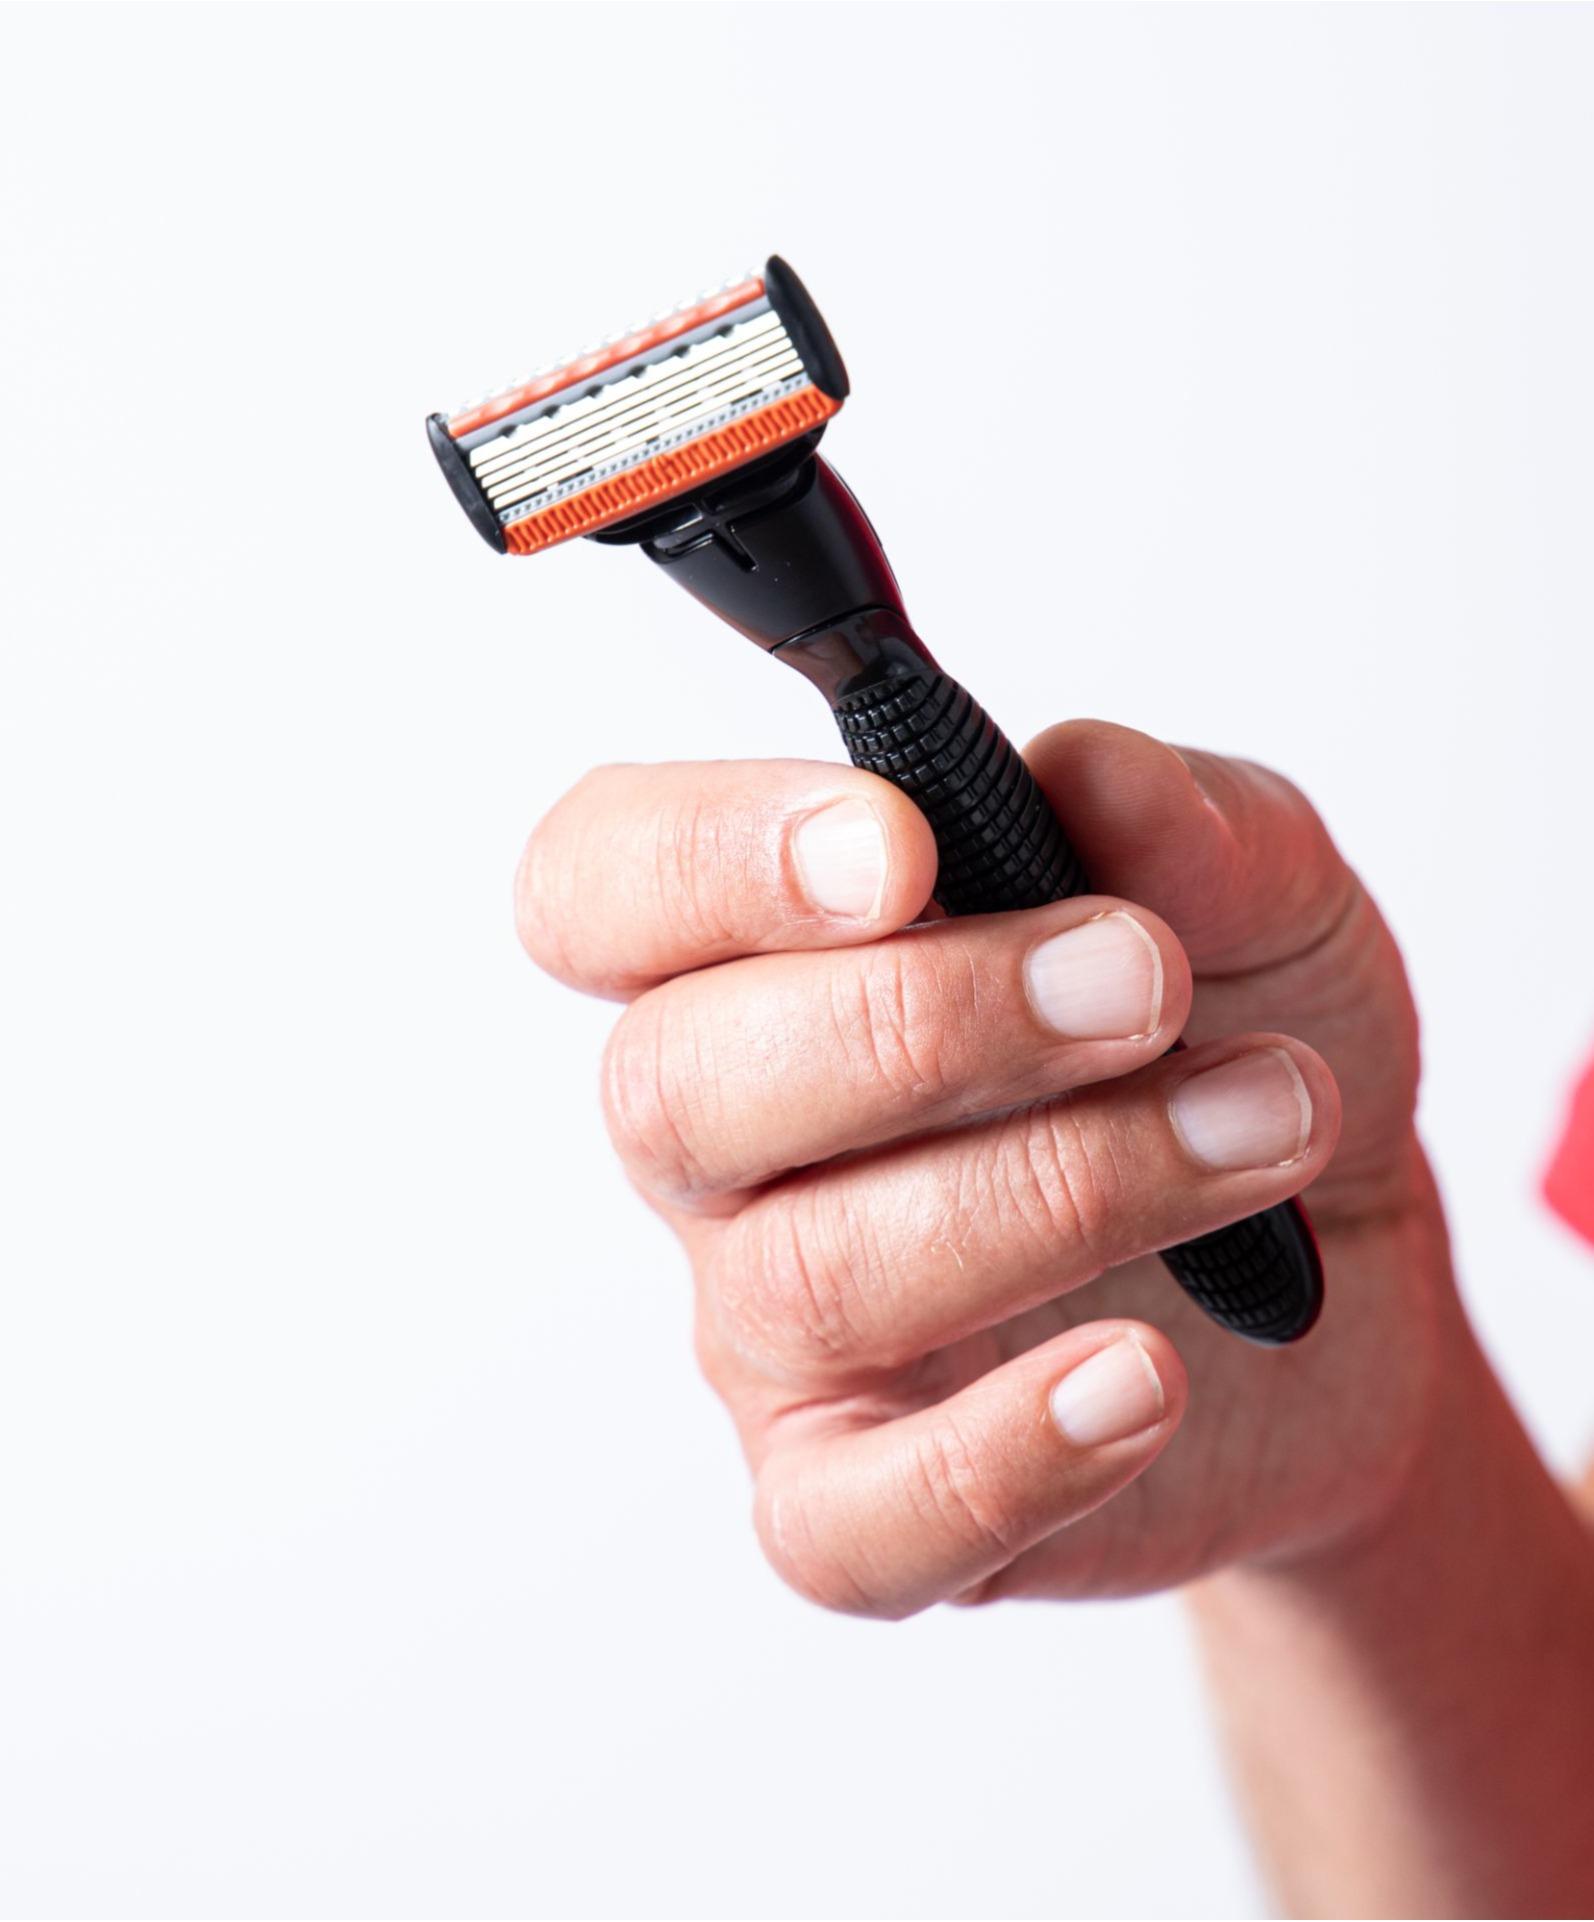 Hvor ofte skal man skifte barberblad?